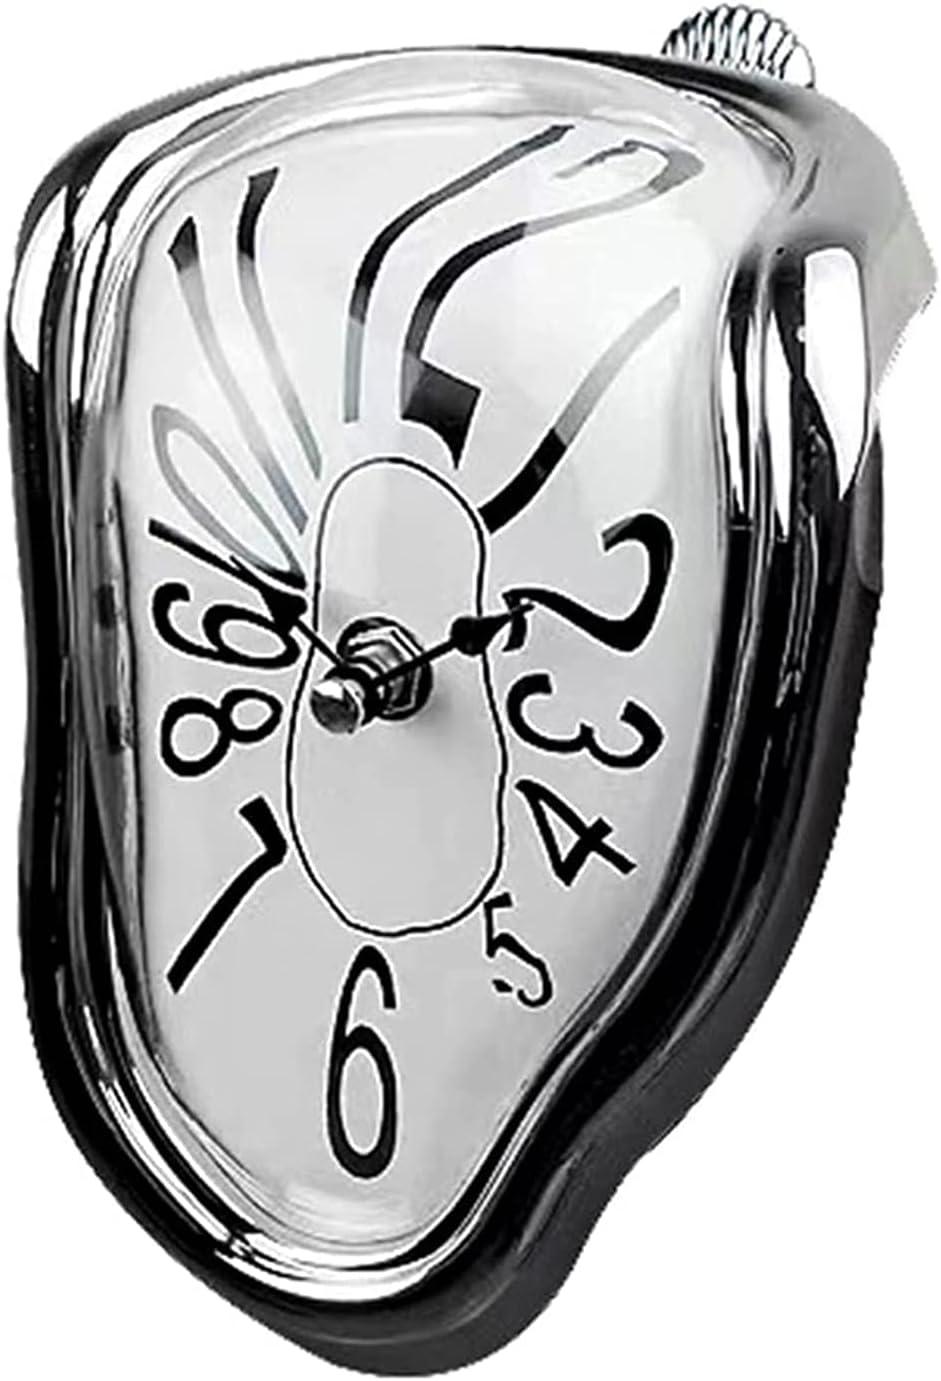 Angel&H Reloj de Fusión, Reloj Derretido de Salvador Dali, Relojes de Pared de Cuarzo con Números Arábigos, Decoración de Reloj de Pared Distorsionada de Estilo Surrealista